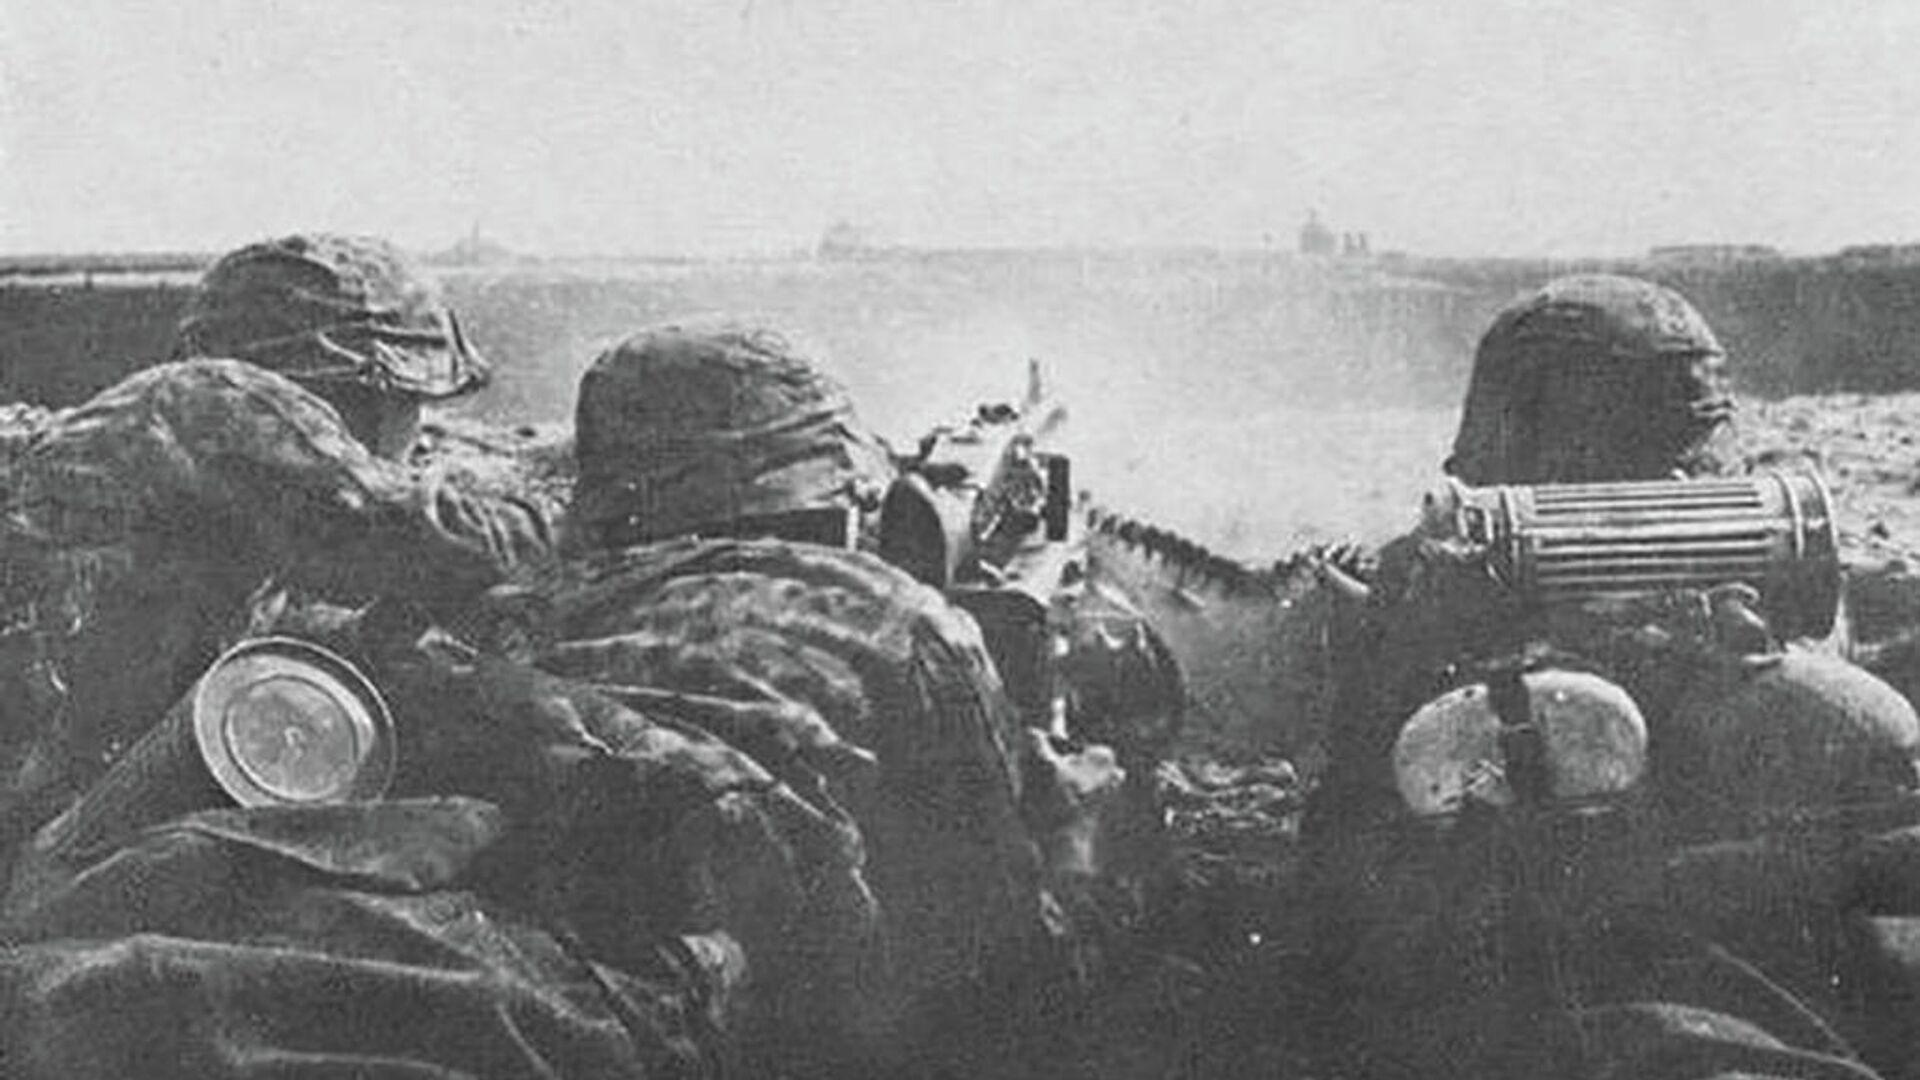 Бойцы дивизии СС Галичина во время битвы за Броды. 1944 год - РИА Новости, 1920, 21.11.2020